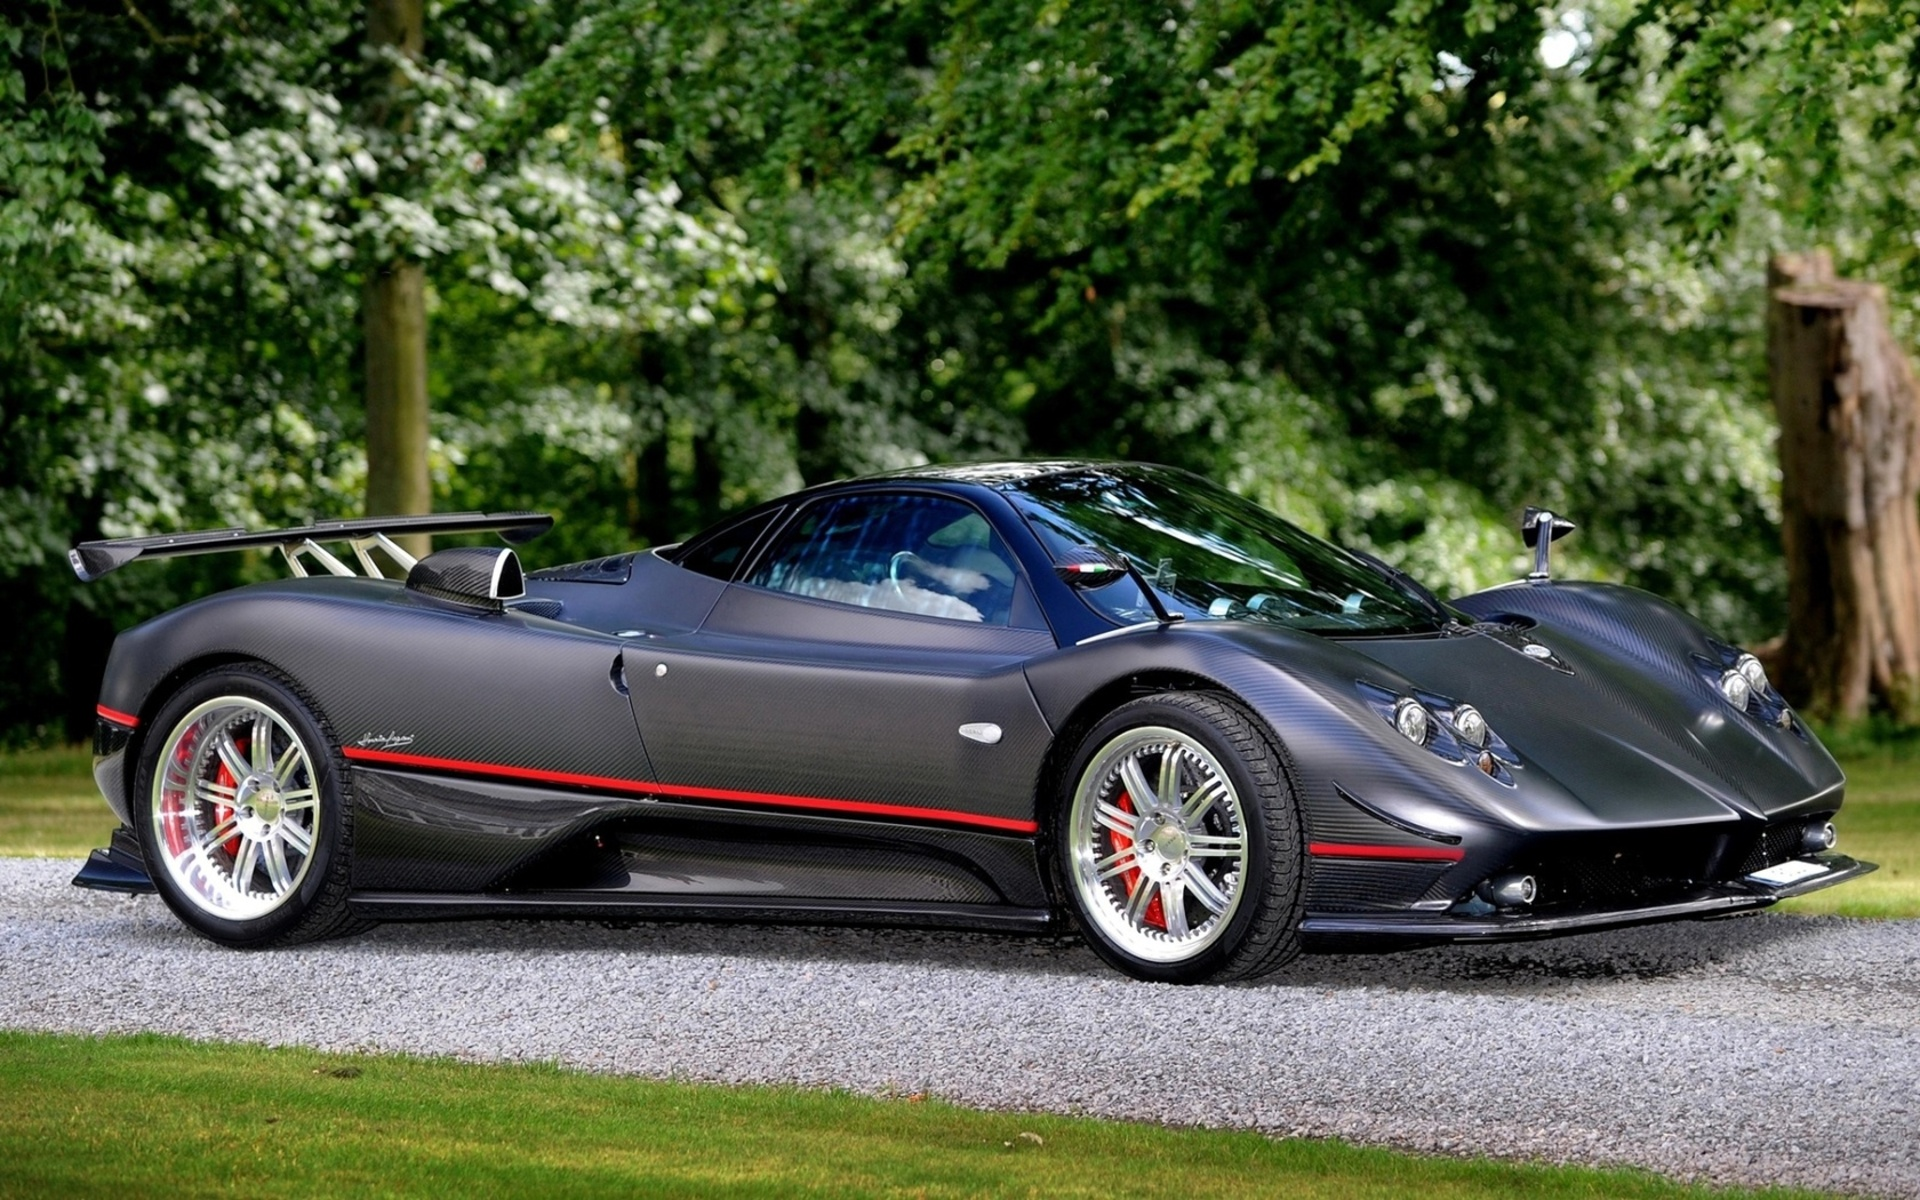 серый спортивный автомобиль pagani zonda r  № 1060232 бесплатно